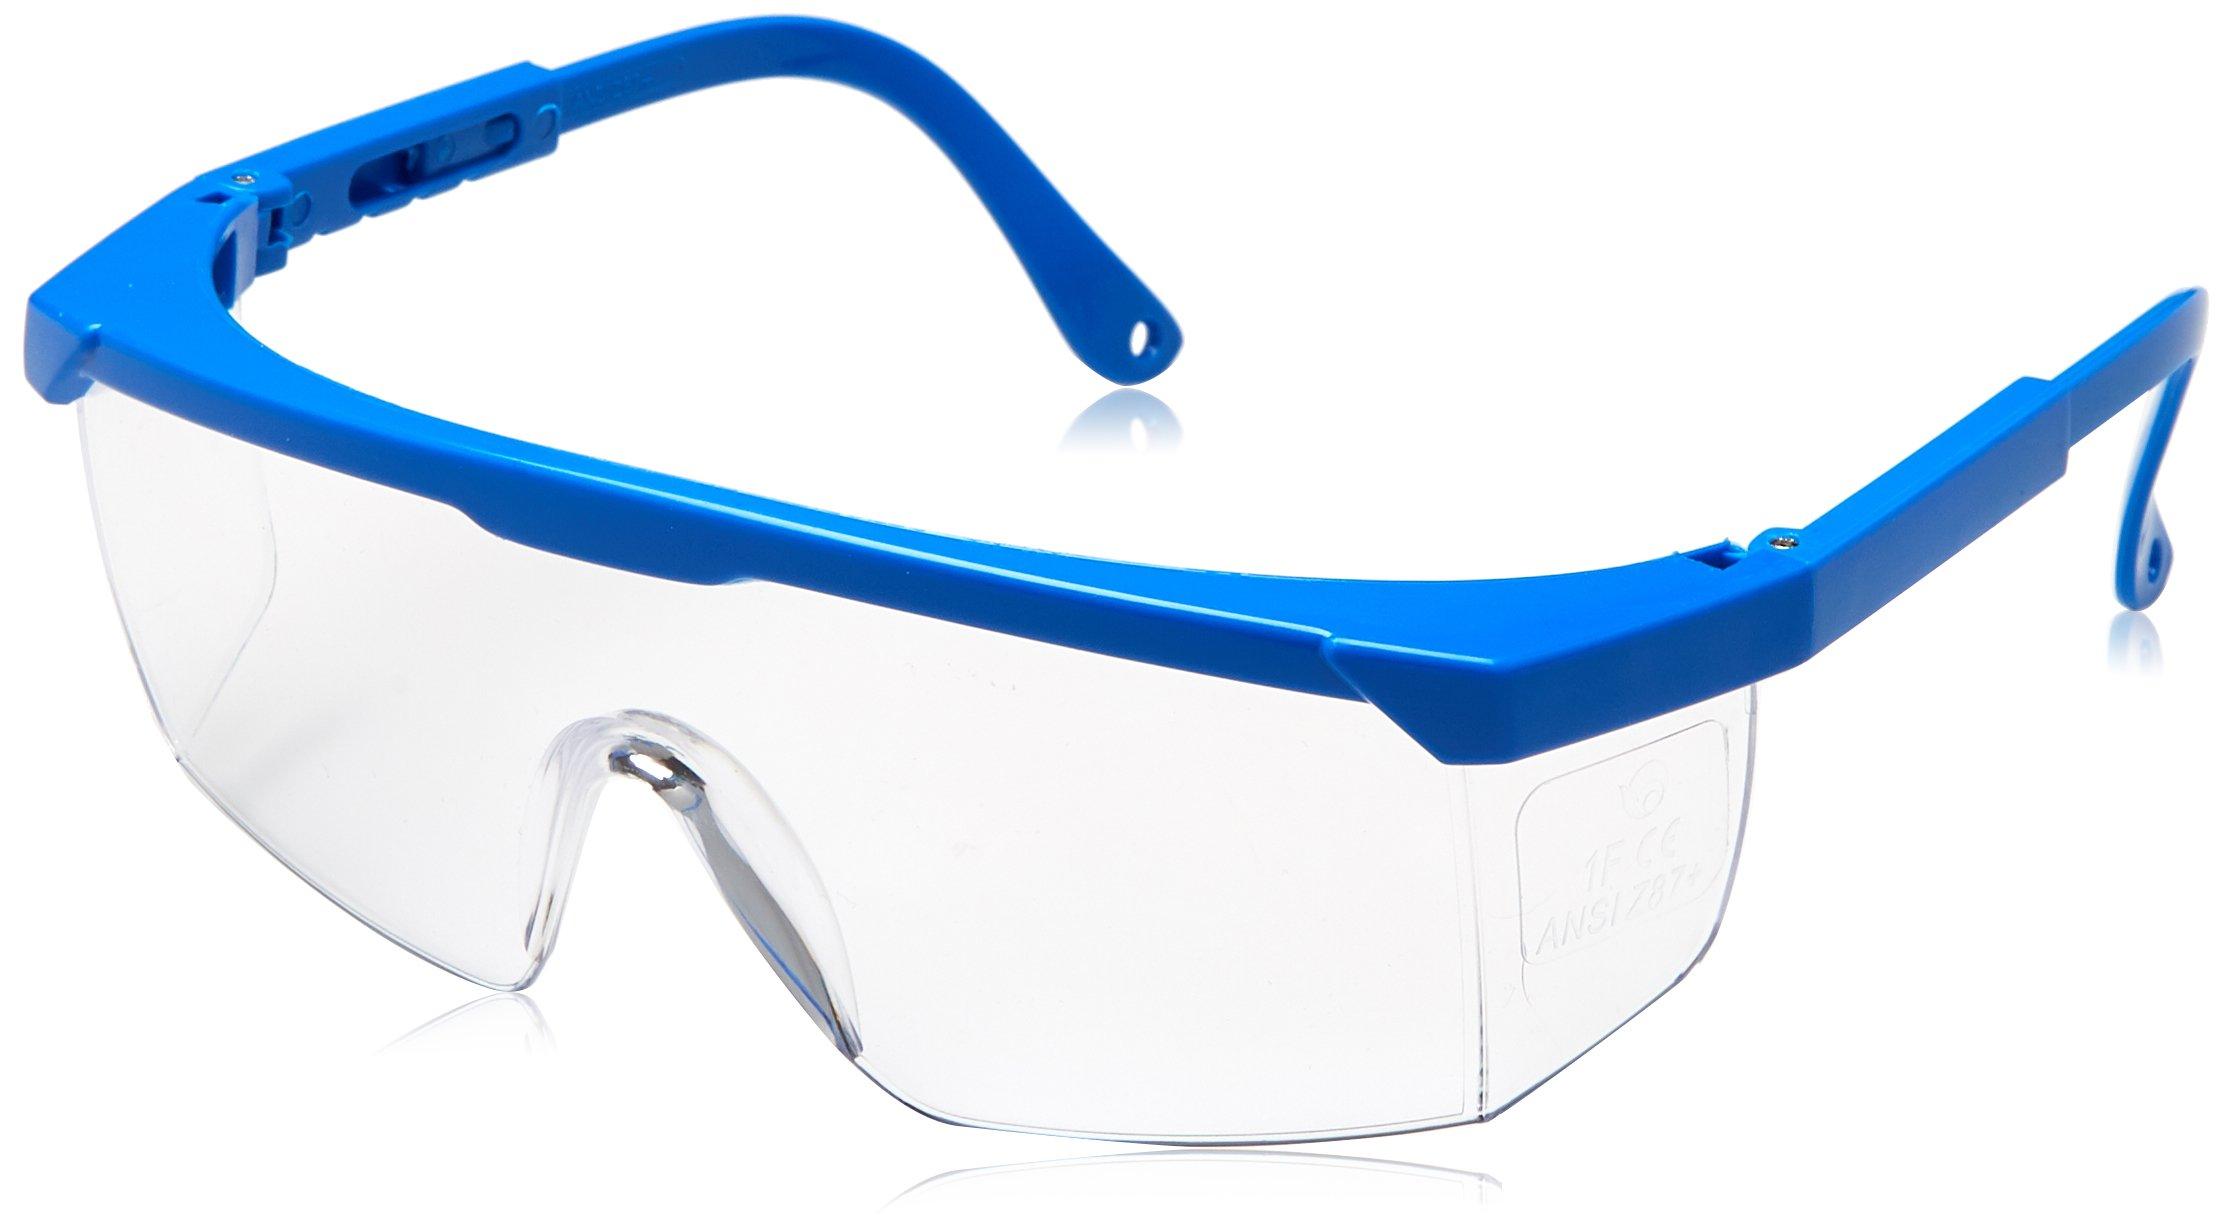 Silverline 868628 - Gafas de seguridad (Gafas de seguridad) product image